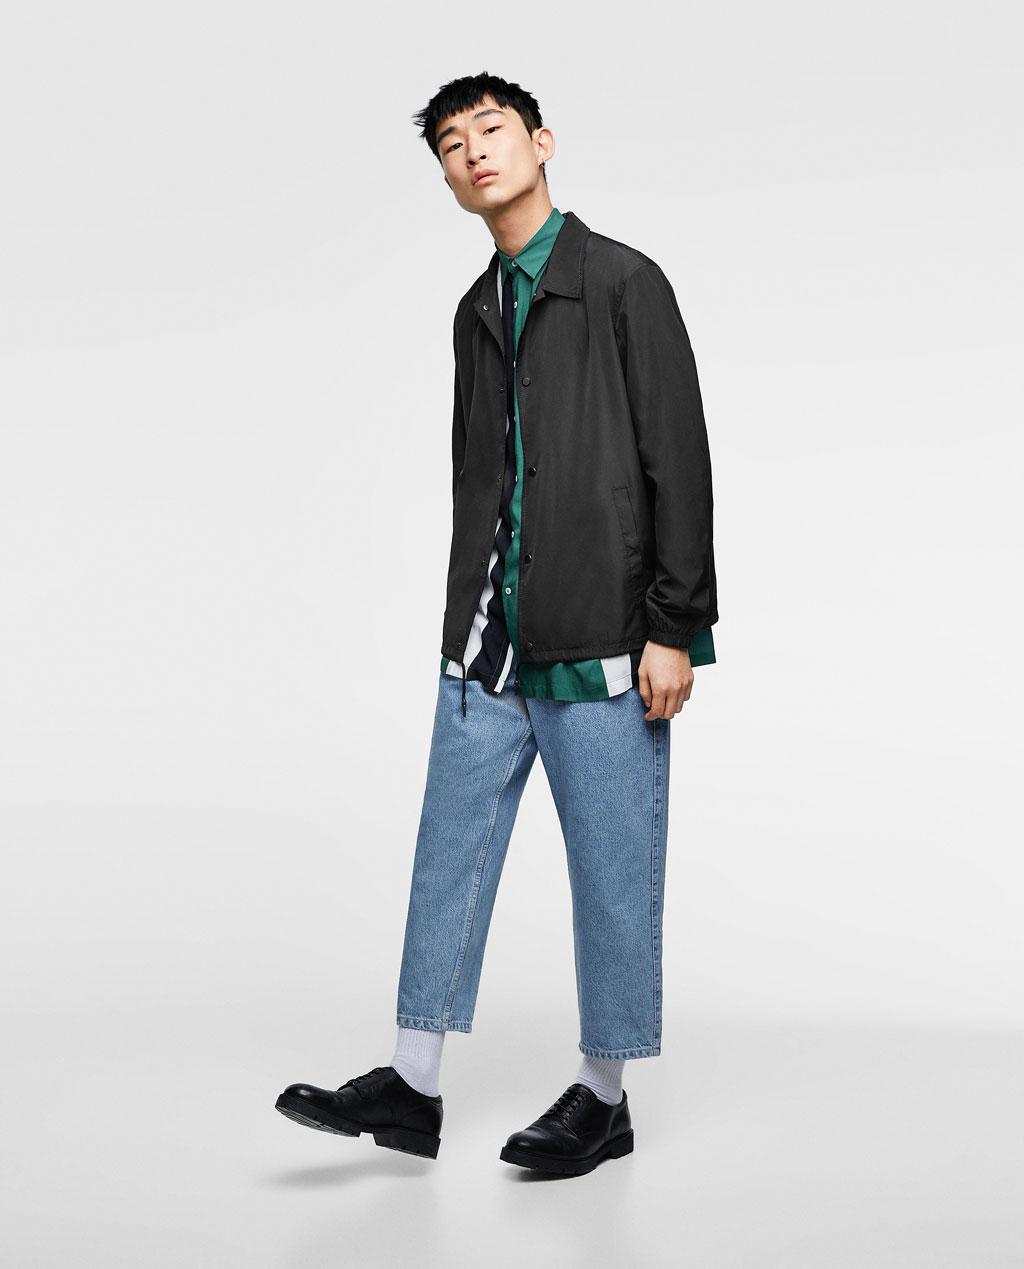 Thời trang nam Zara  24069 - ảnh 3